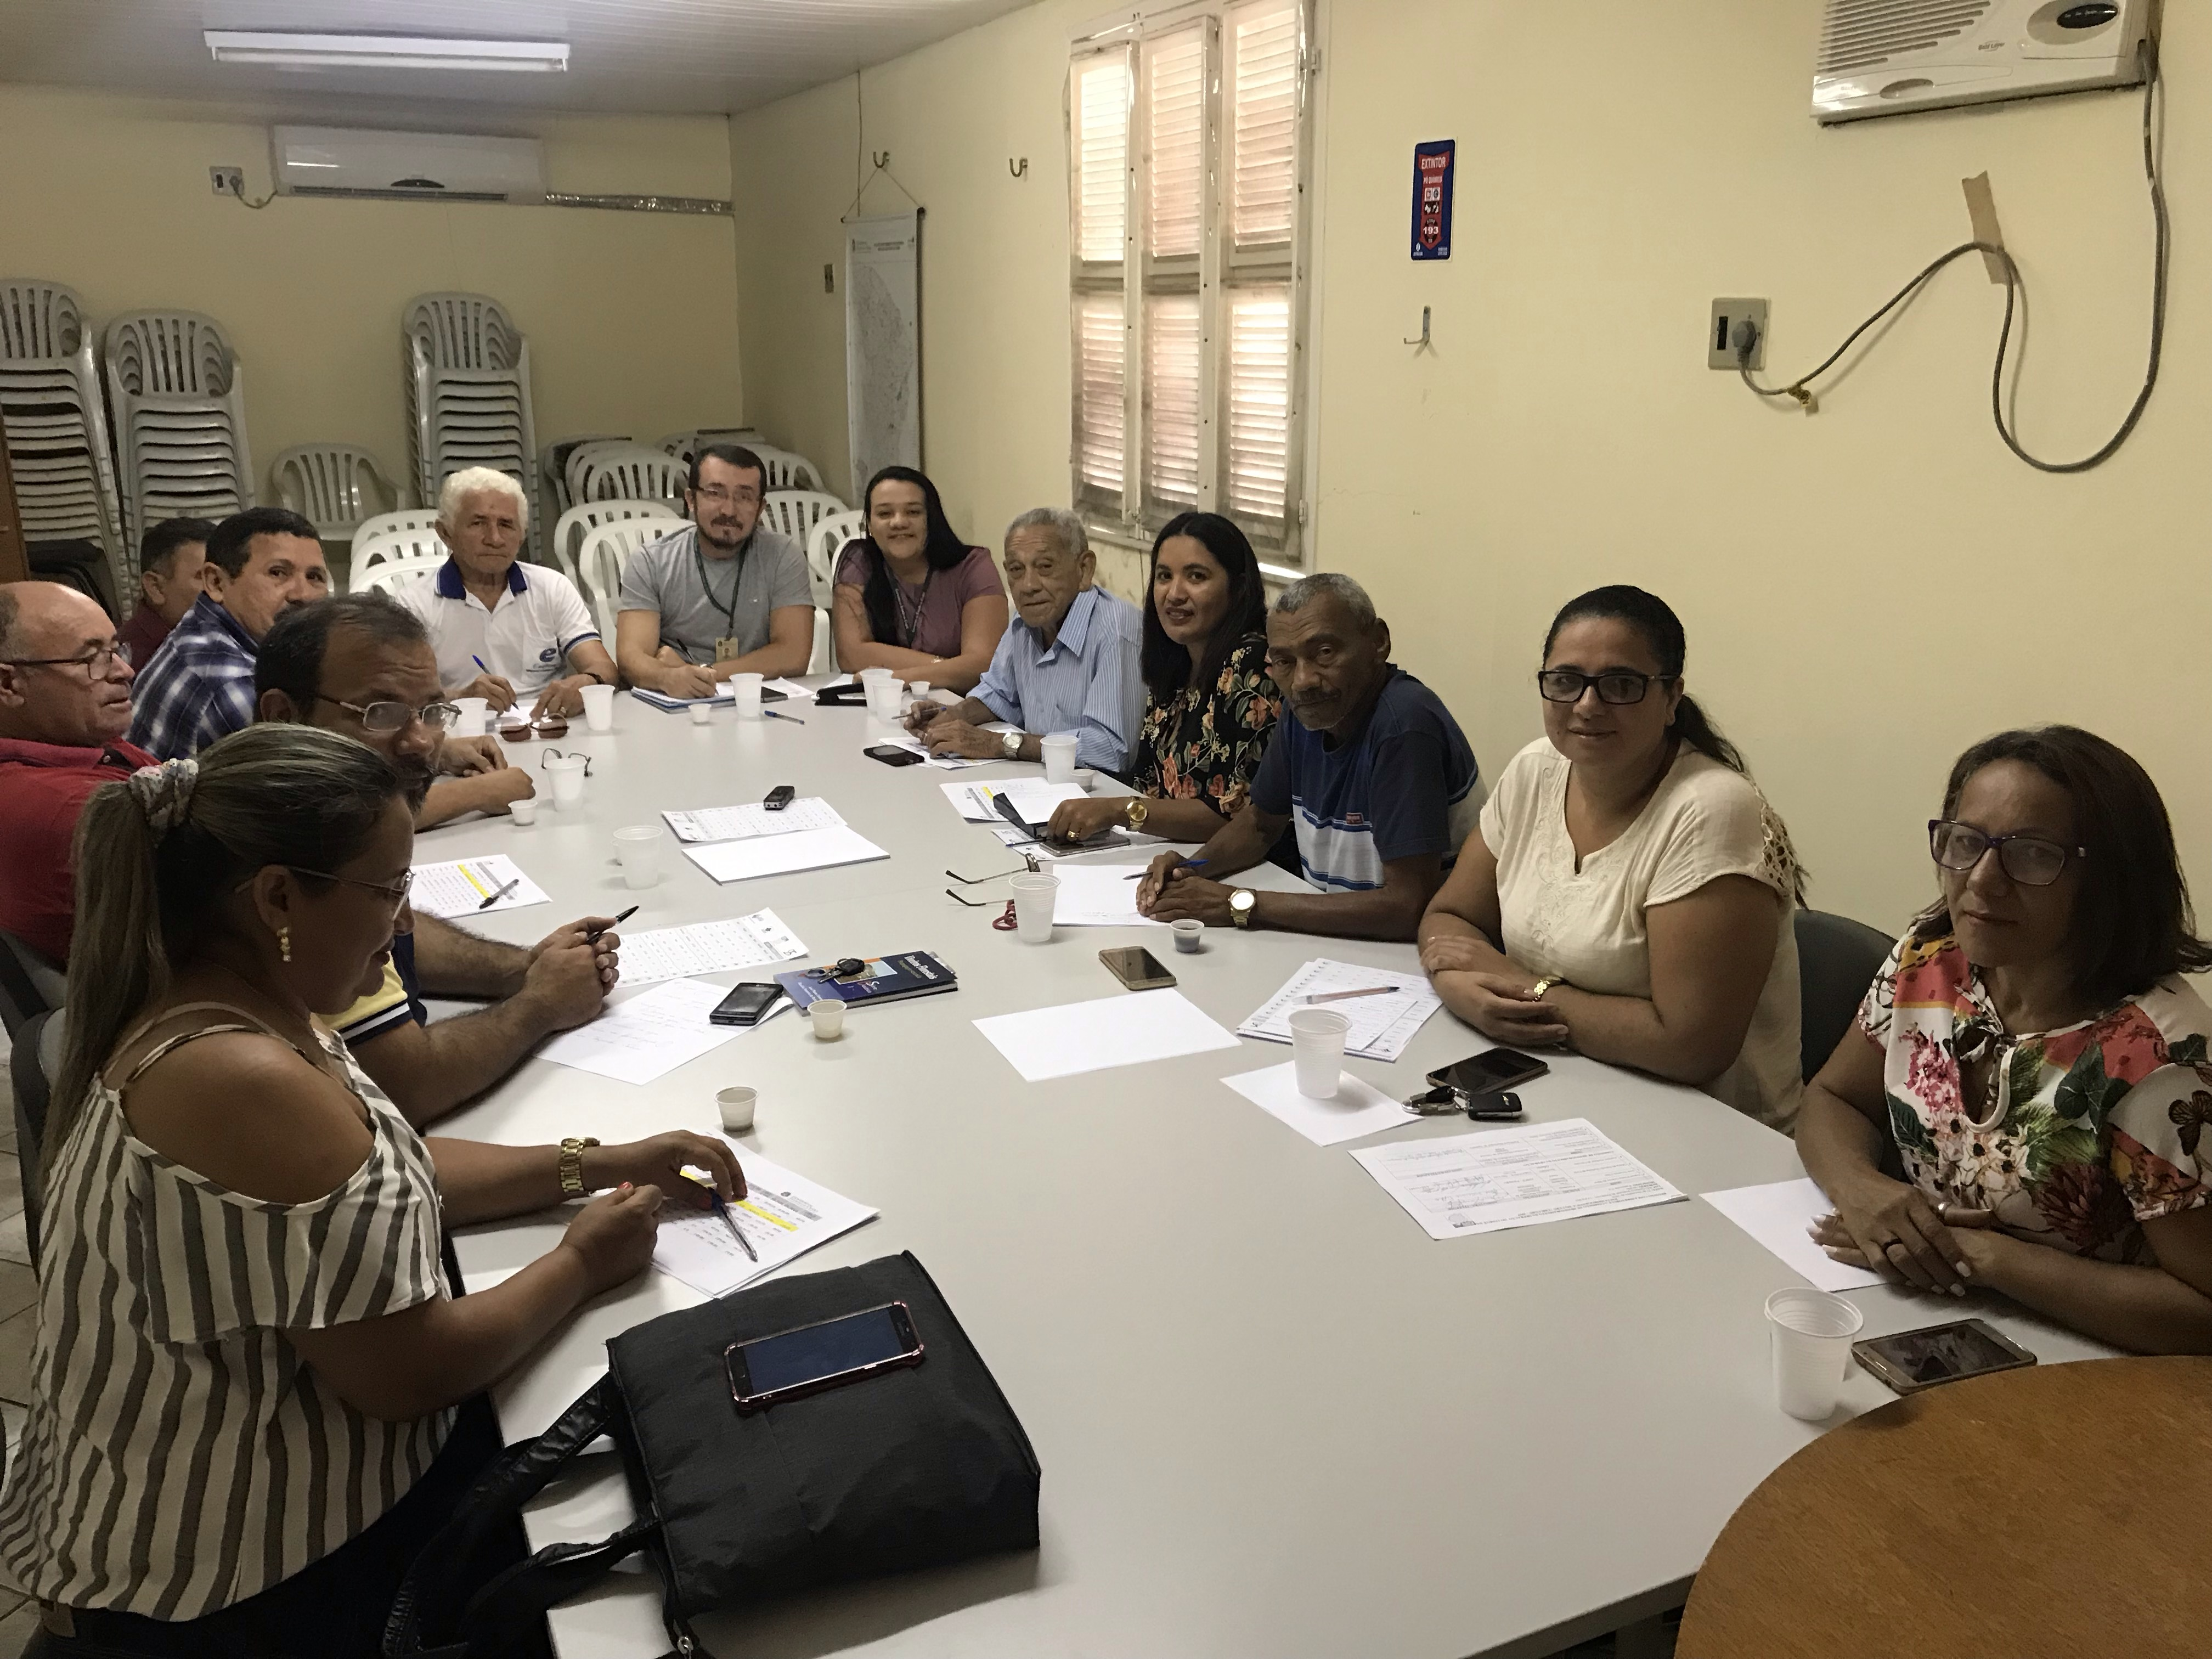 Diretoria e Comissão de Monitoramento e Acompanhamento da Operação do Comitê da Bacia Hidrográfica do Curu / CBH Curu se reúne com COGERH Pentecoste